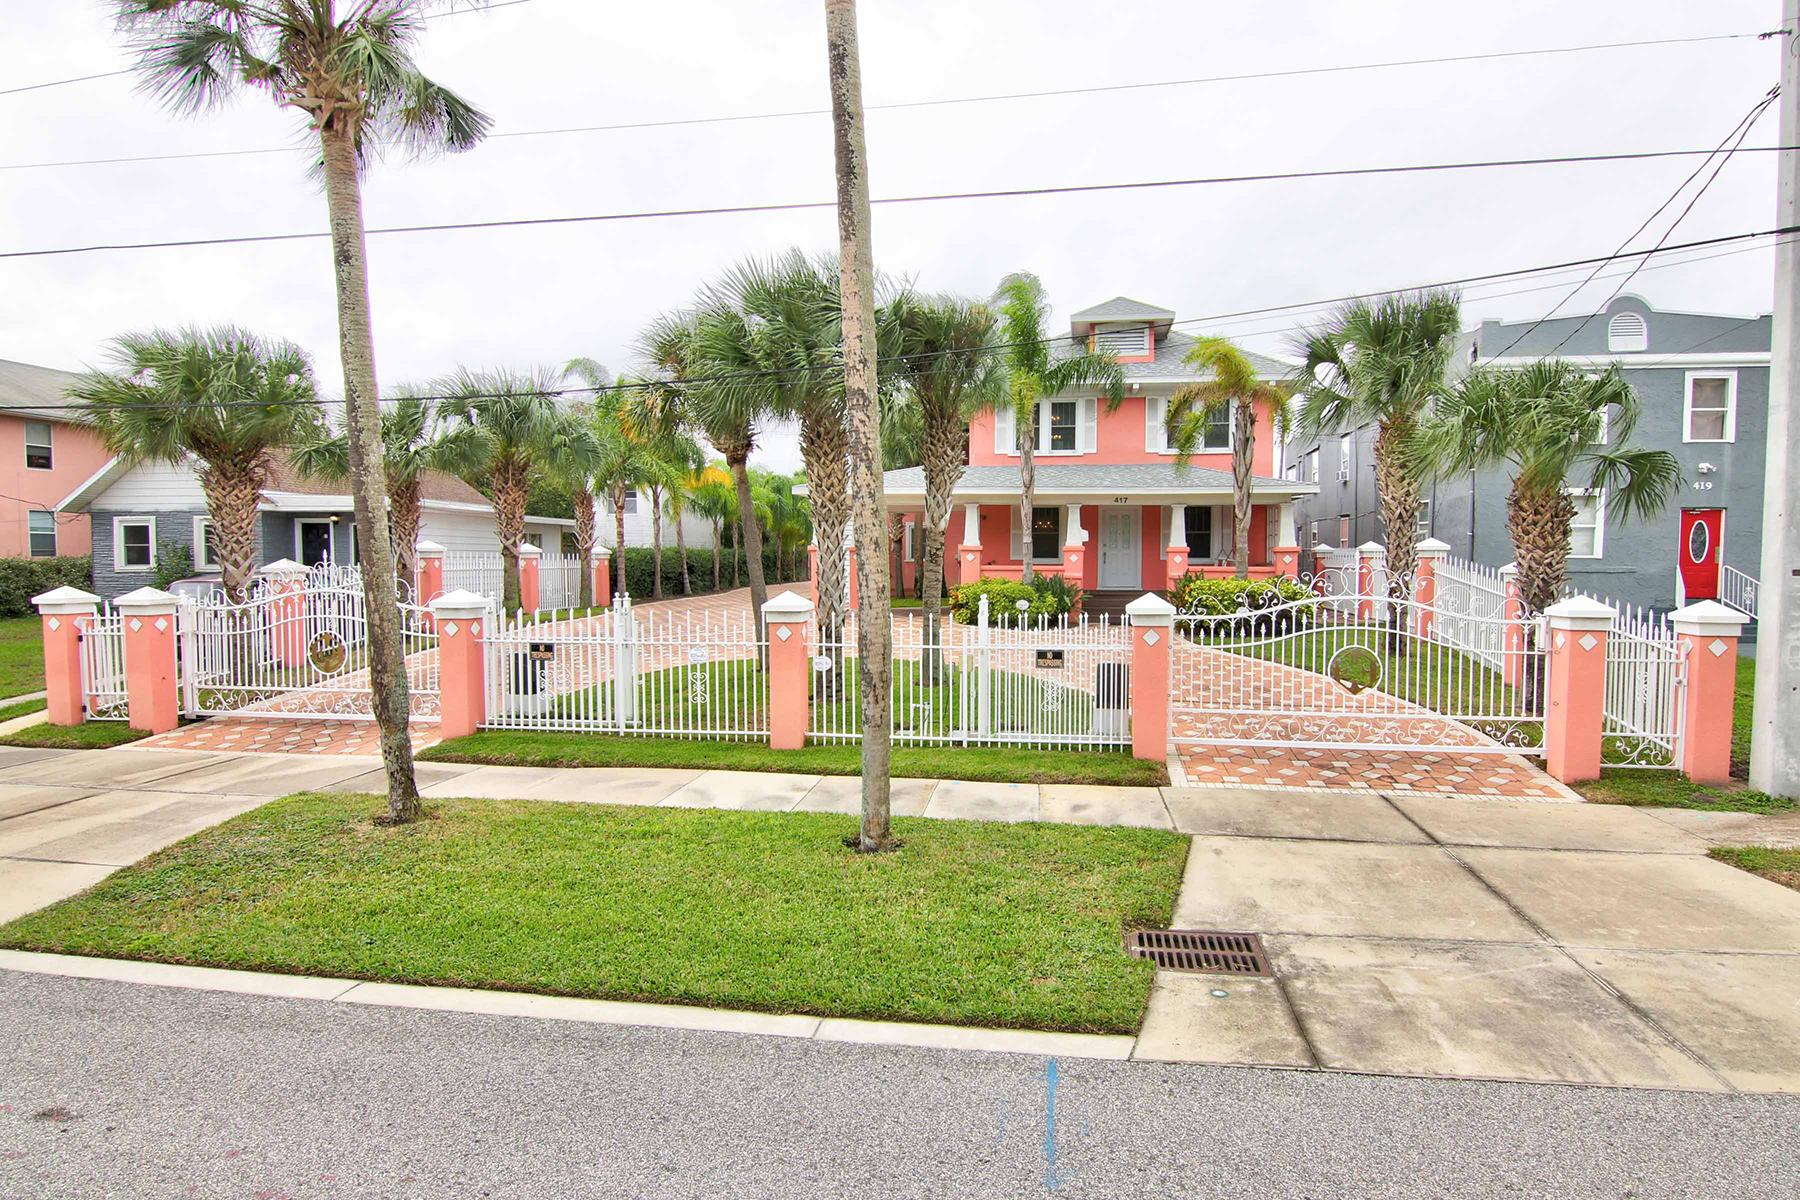 Casa para uma família para Venda às 417 N Wild Olive Ave , Daytona Beach, FL 32118 417 N Wild Olive Ave Daytona Beach, Florida 32118 Estados Unidos